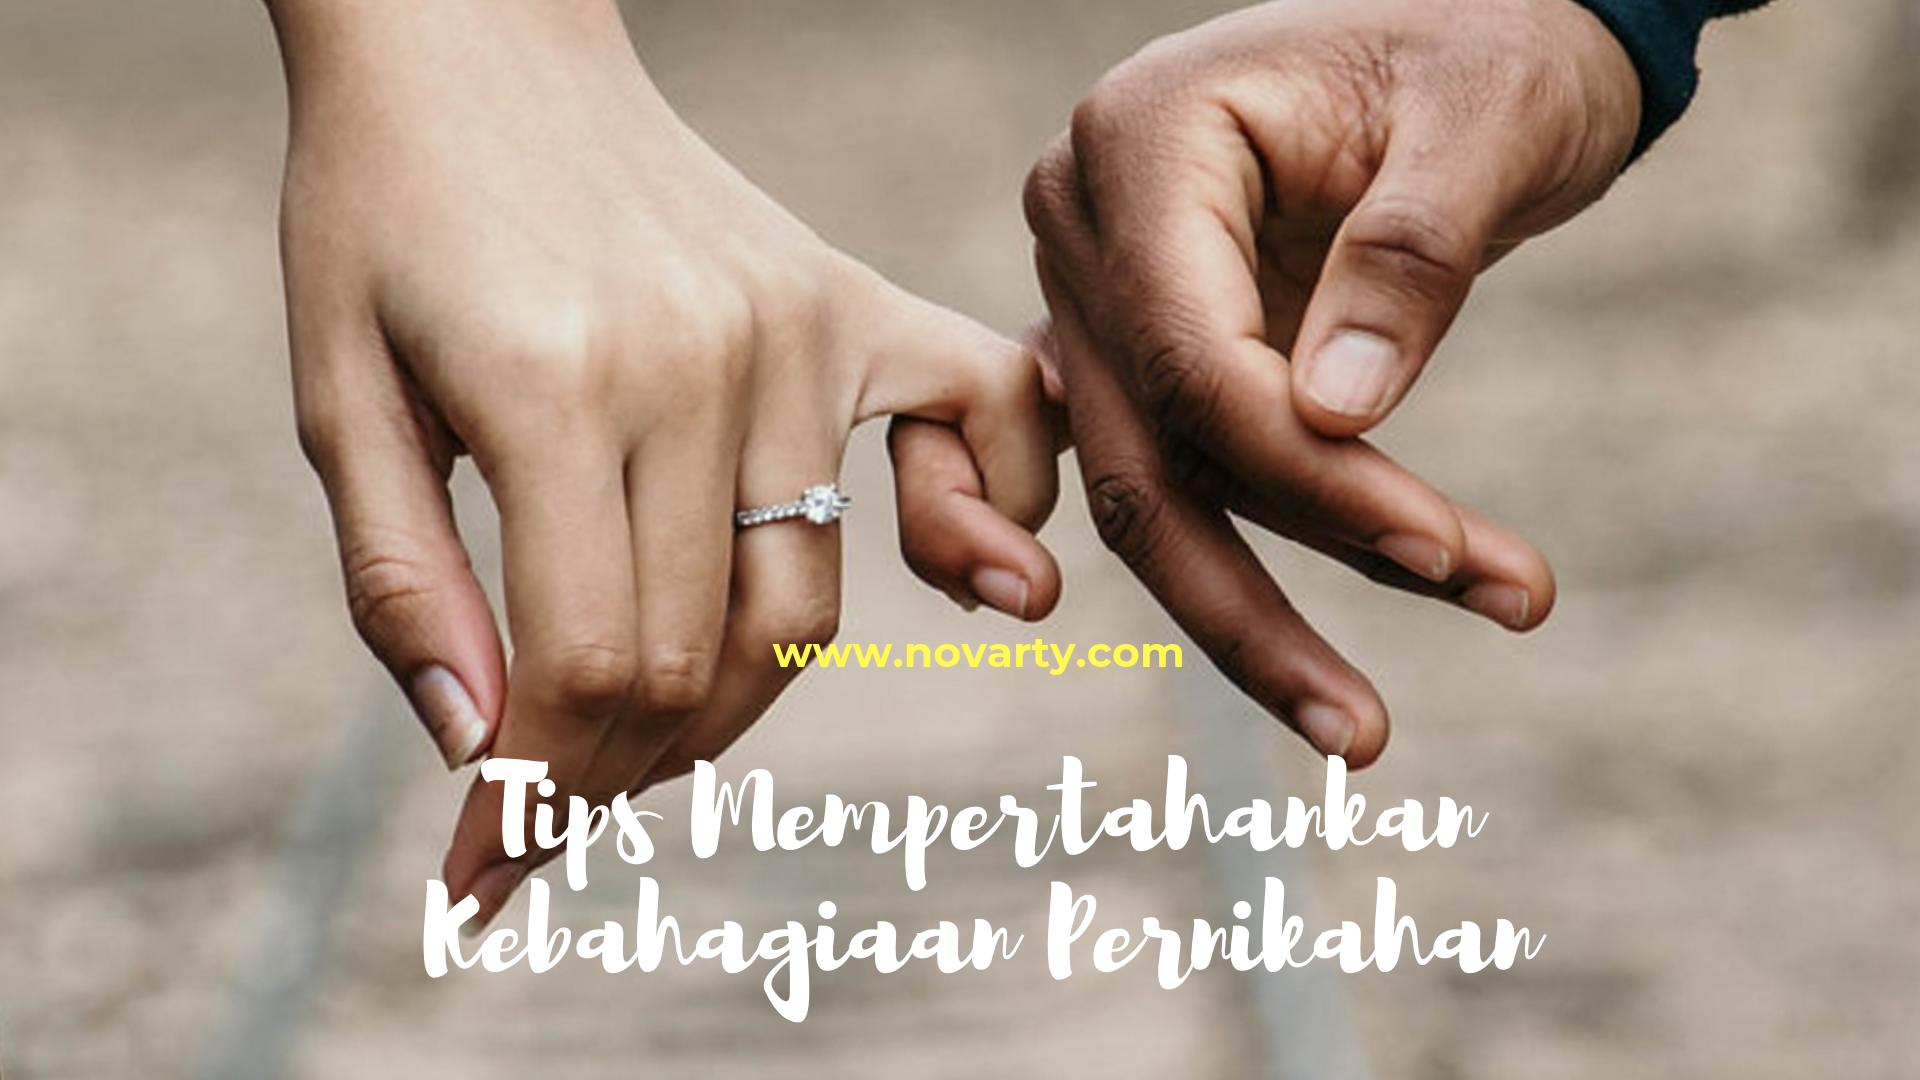 Tips Mempertahankan Kebahagiaan Pernikahan